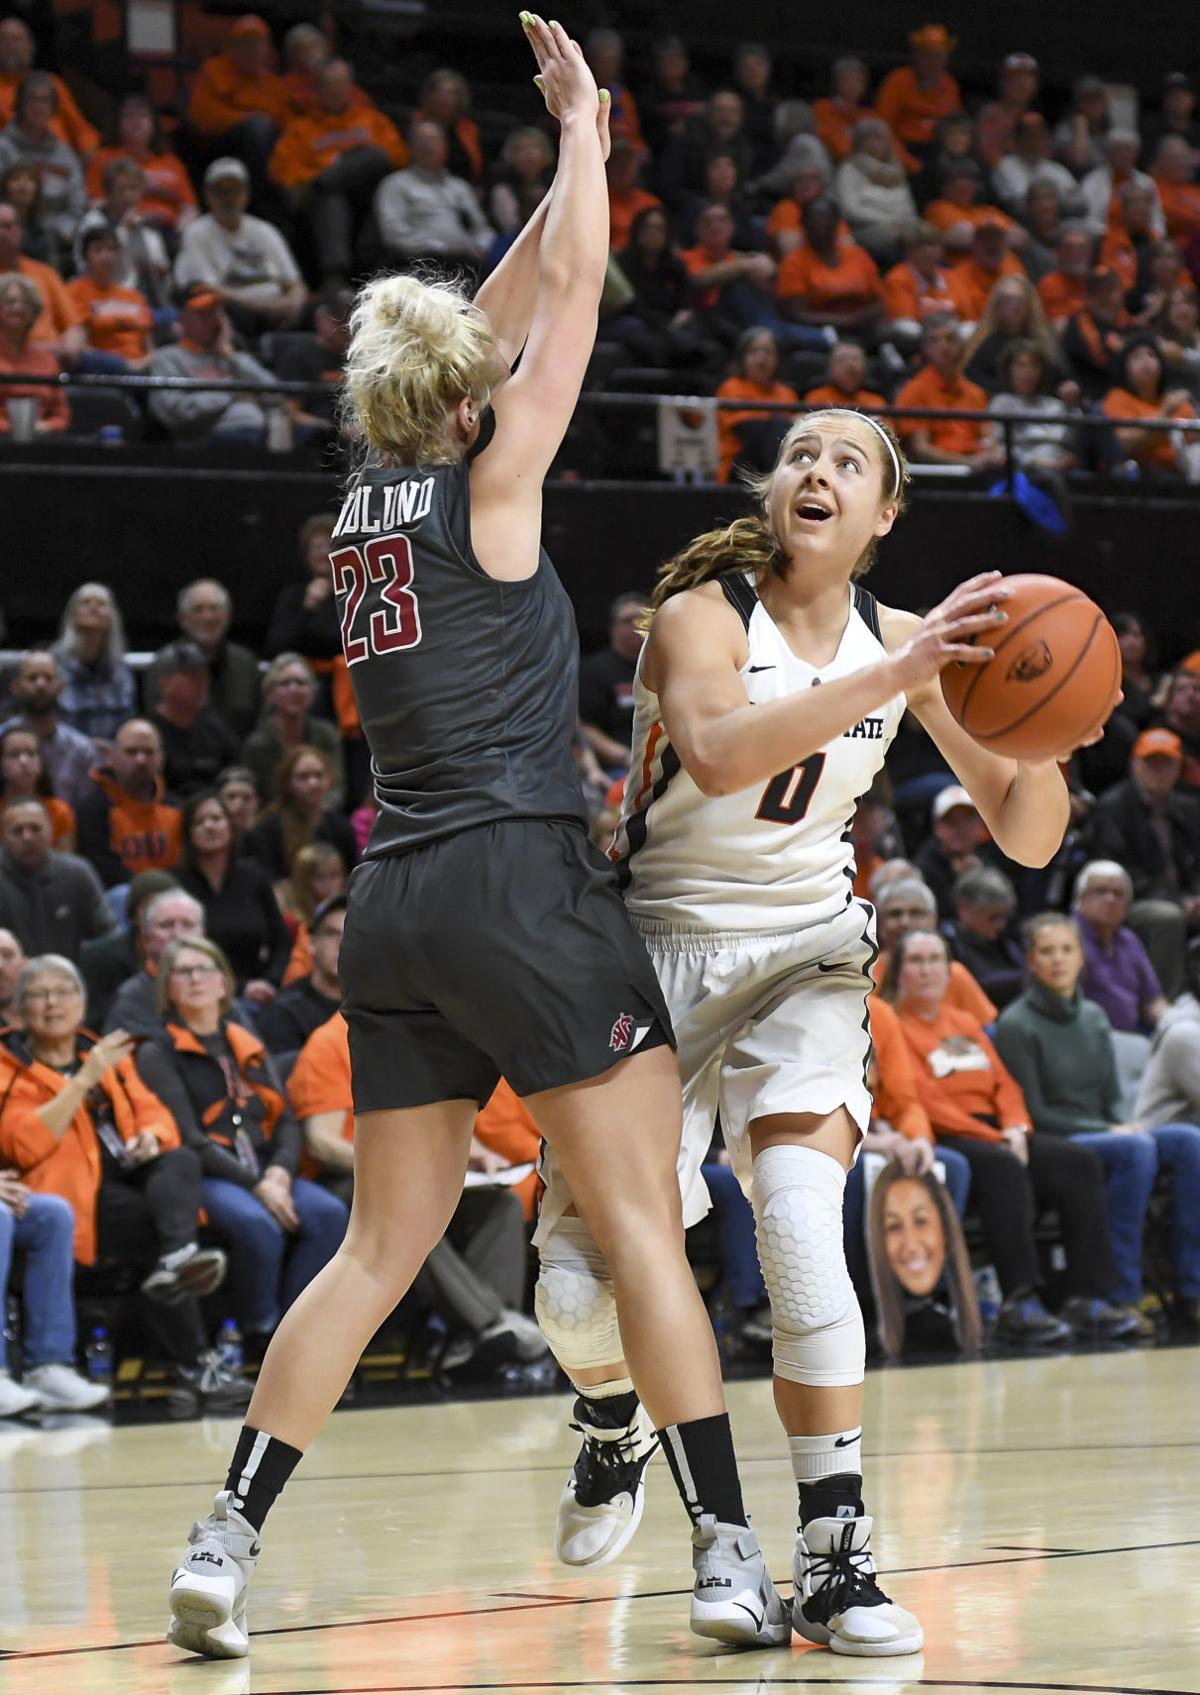 Gallery: OSU vs WSU basketball 01